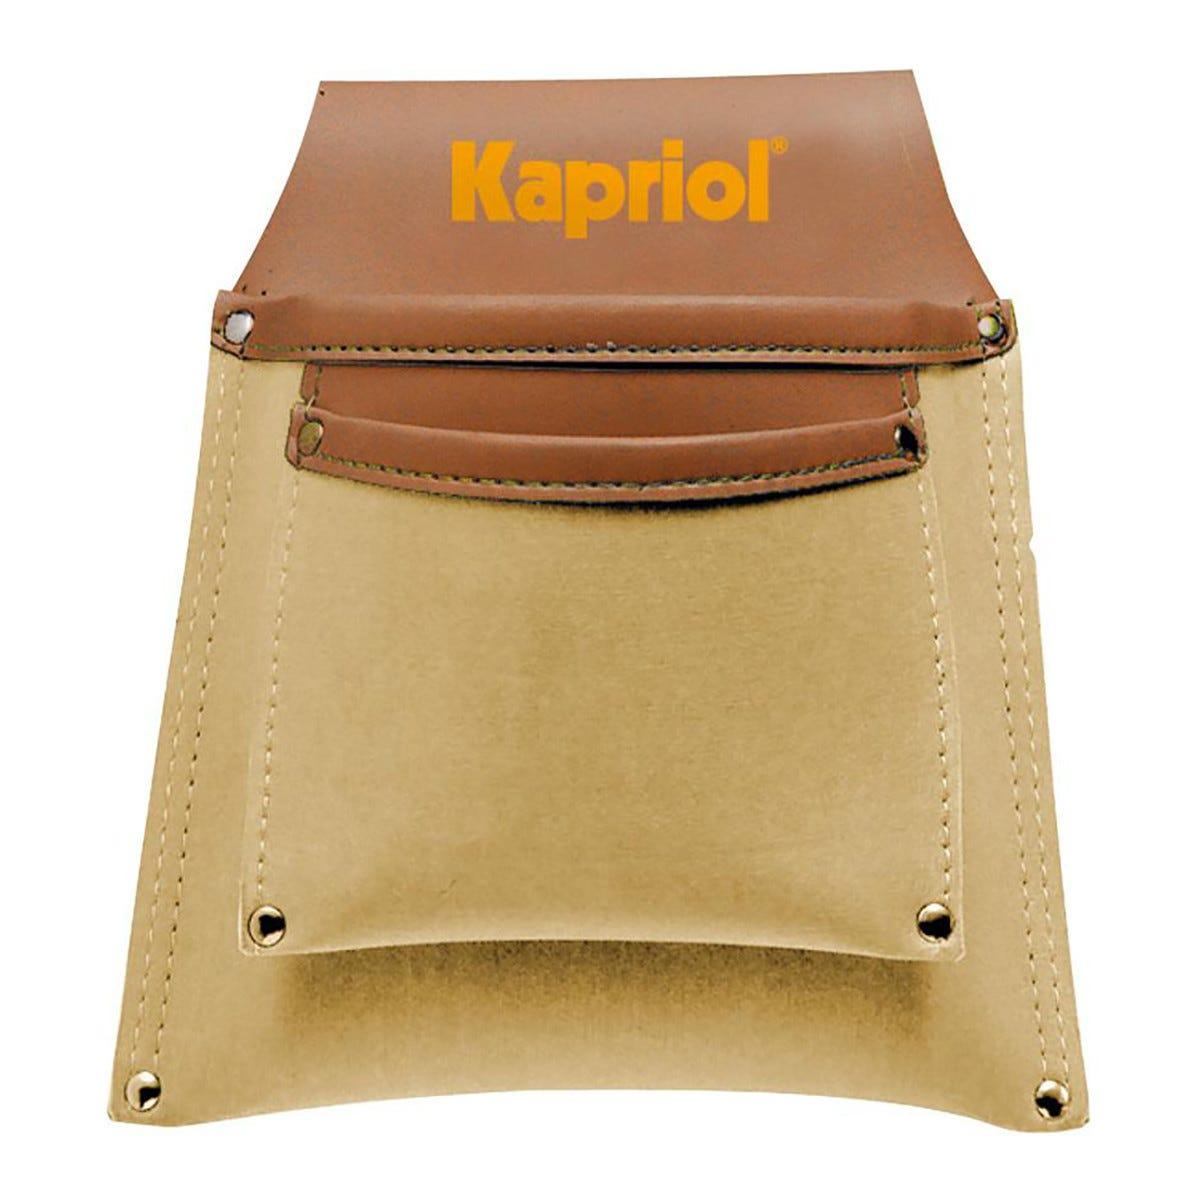 kapriol fodero porta utensili  in pelle  sintetica con doppia tasca sovrapposte e borchiate